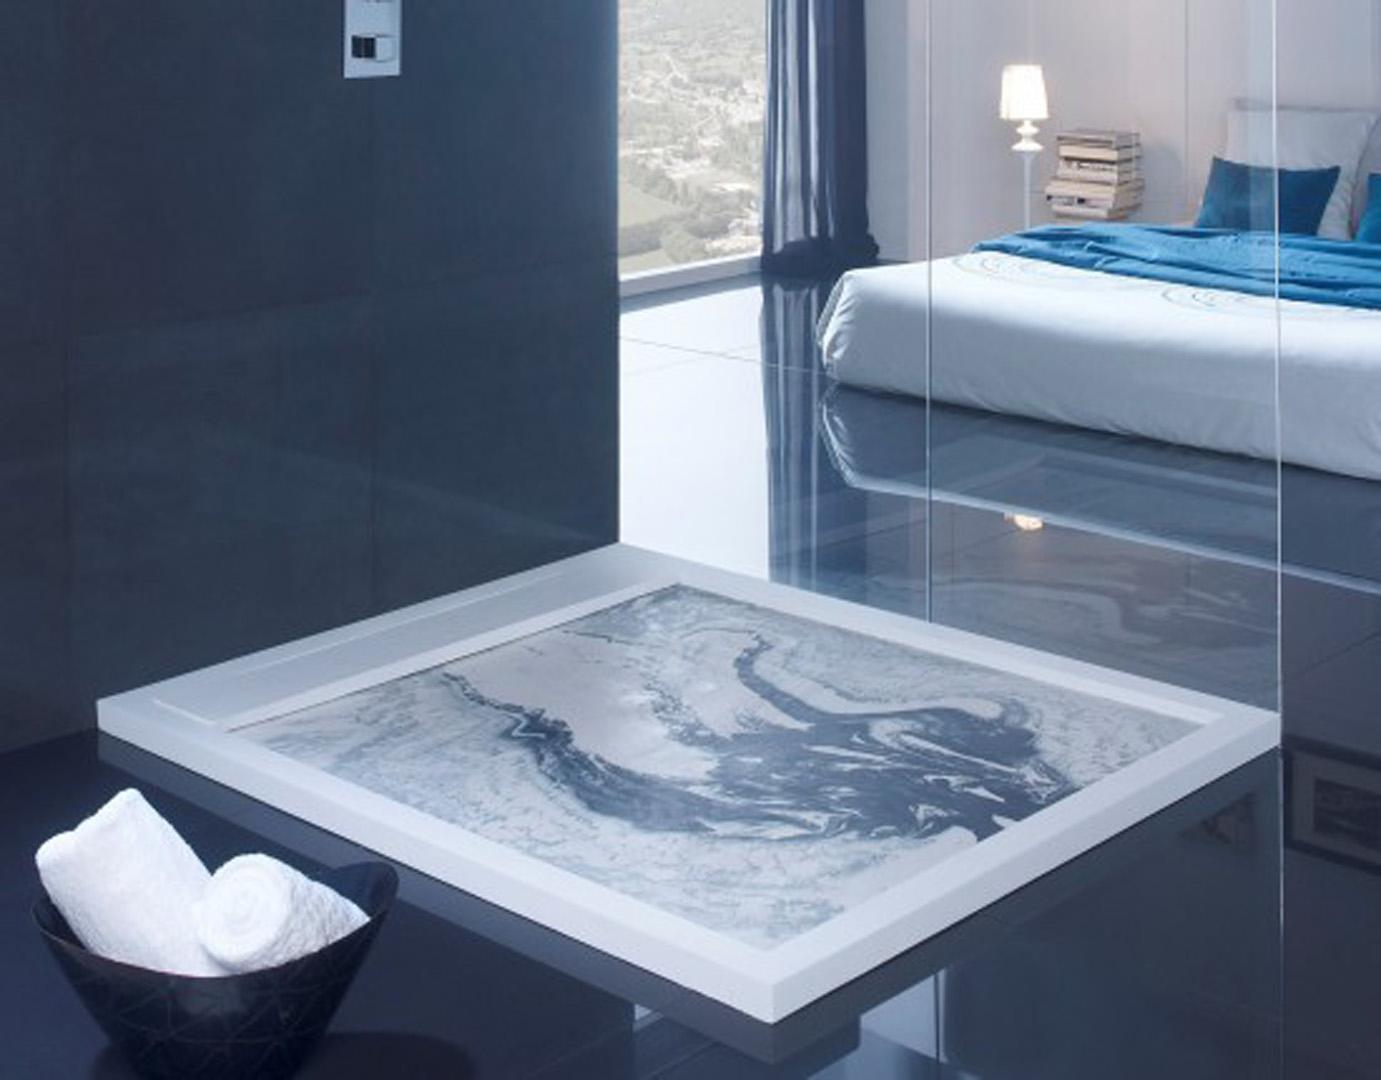 Plato de ducha pizarra acabado efecto m rmol casa maravilla - Platos de ducha de marmol ...